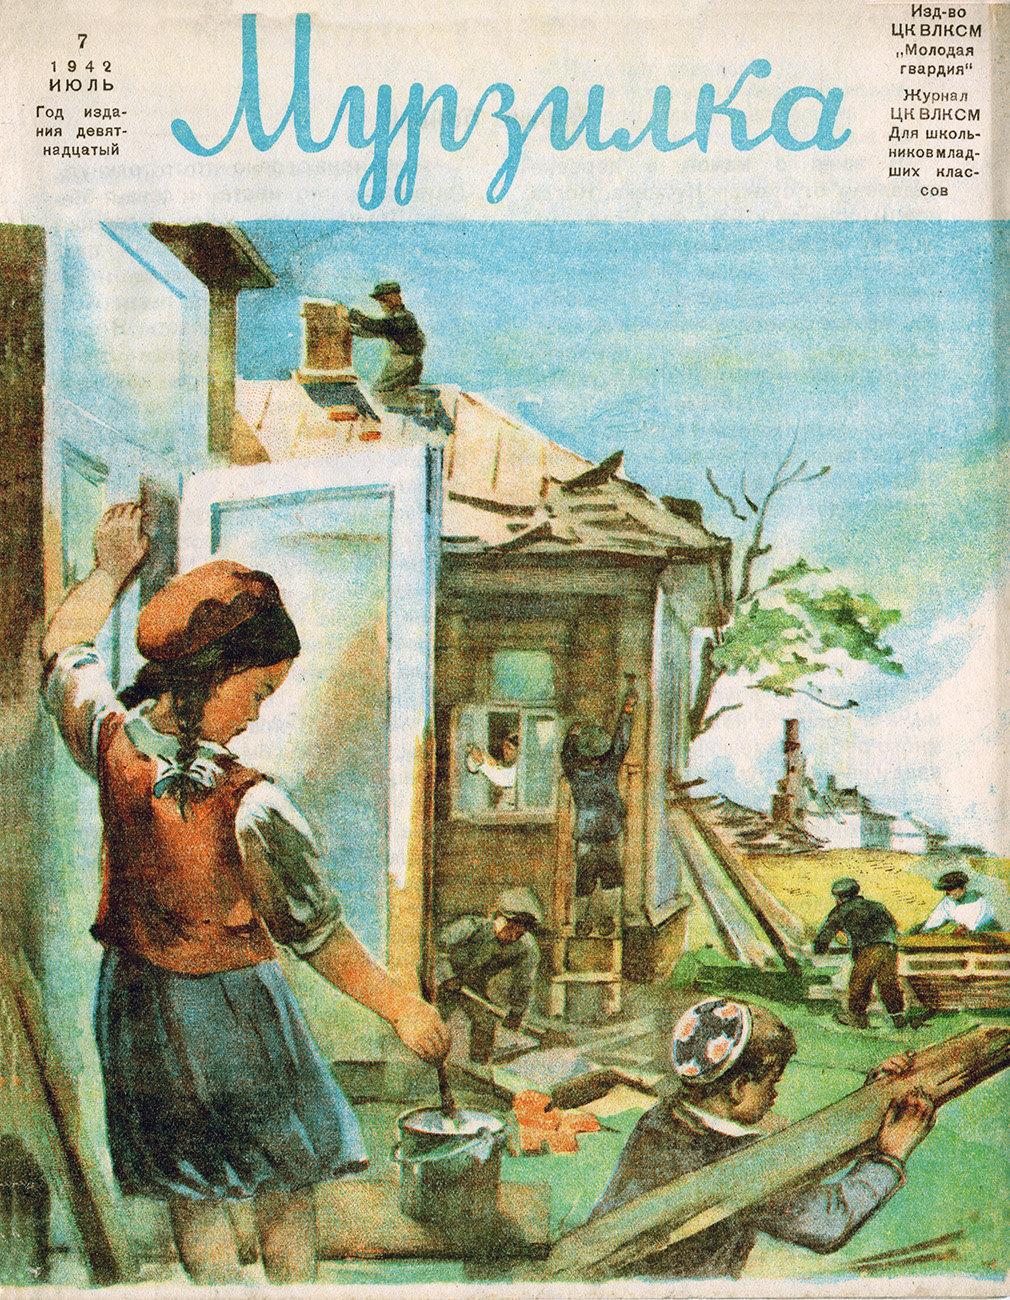 Мурзилка 1942 № 7 / 1